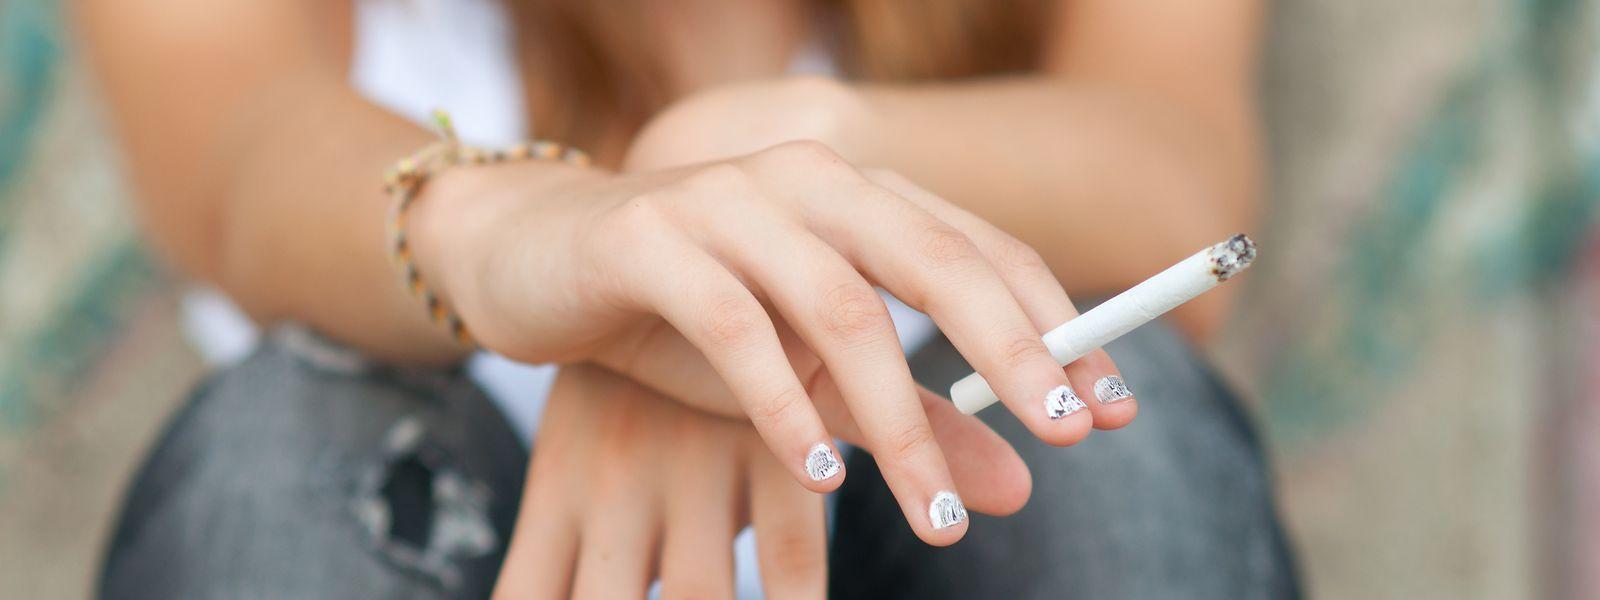 30 Prozent der jungen Frauen zwischen 18 und 24 Jahren rauchen. Damit ist der Wert im Vergleich zum Vorjahr gestiegen.